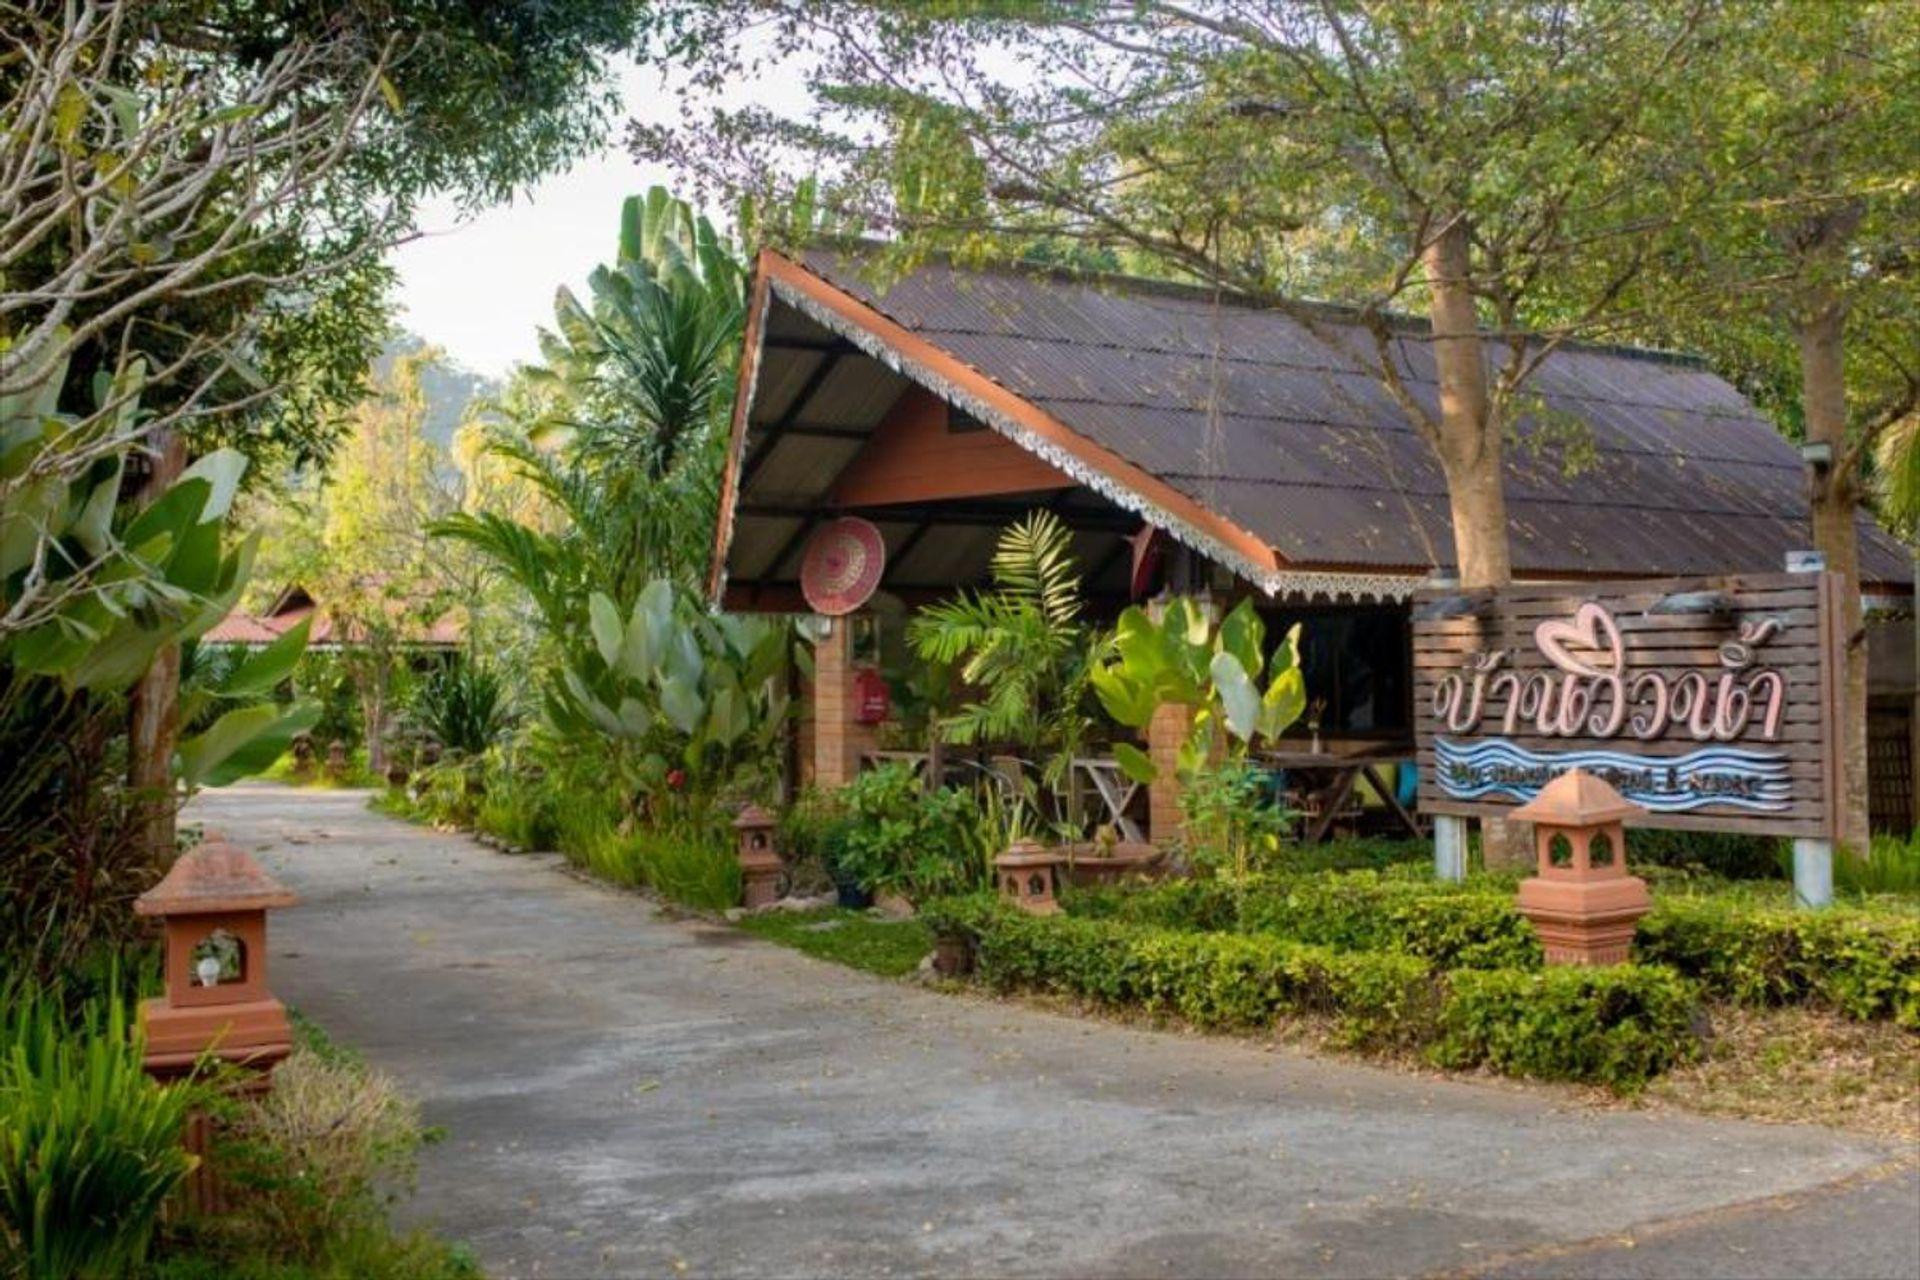 Banviewnam Camping & Resort